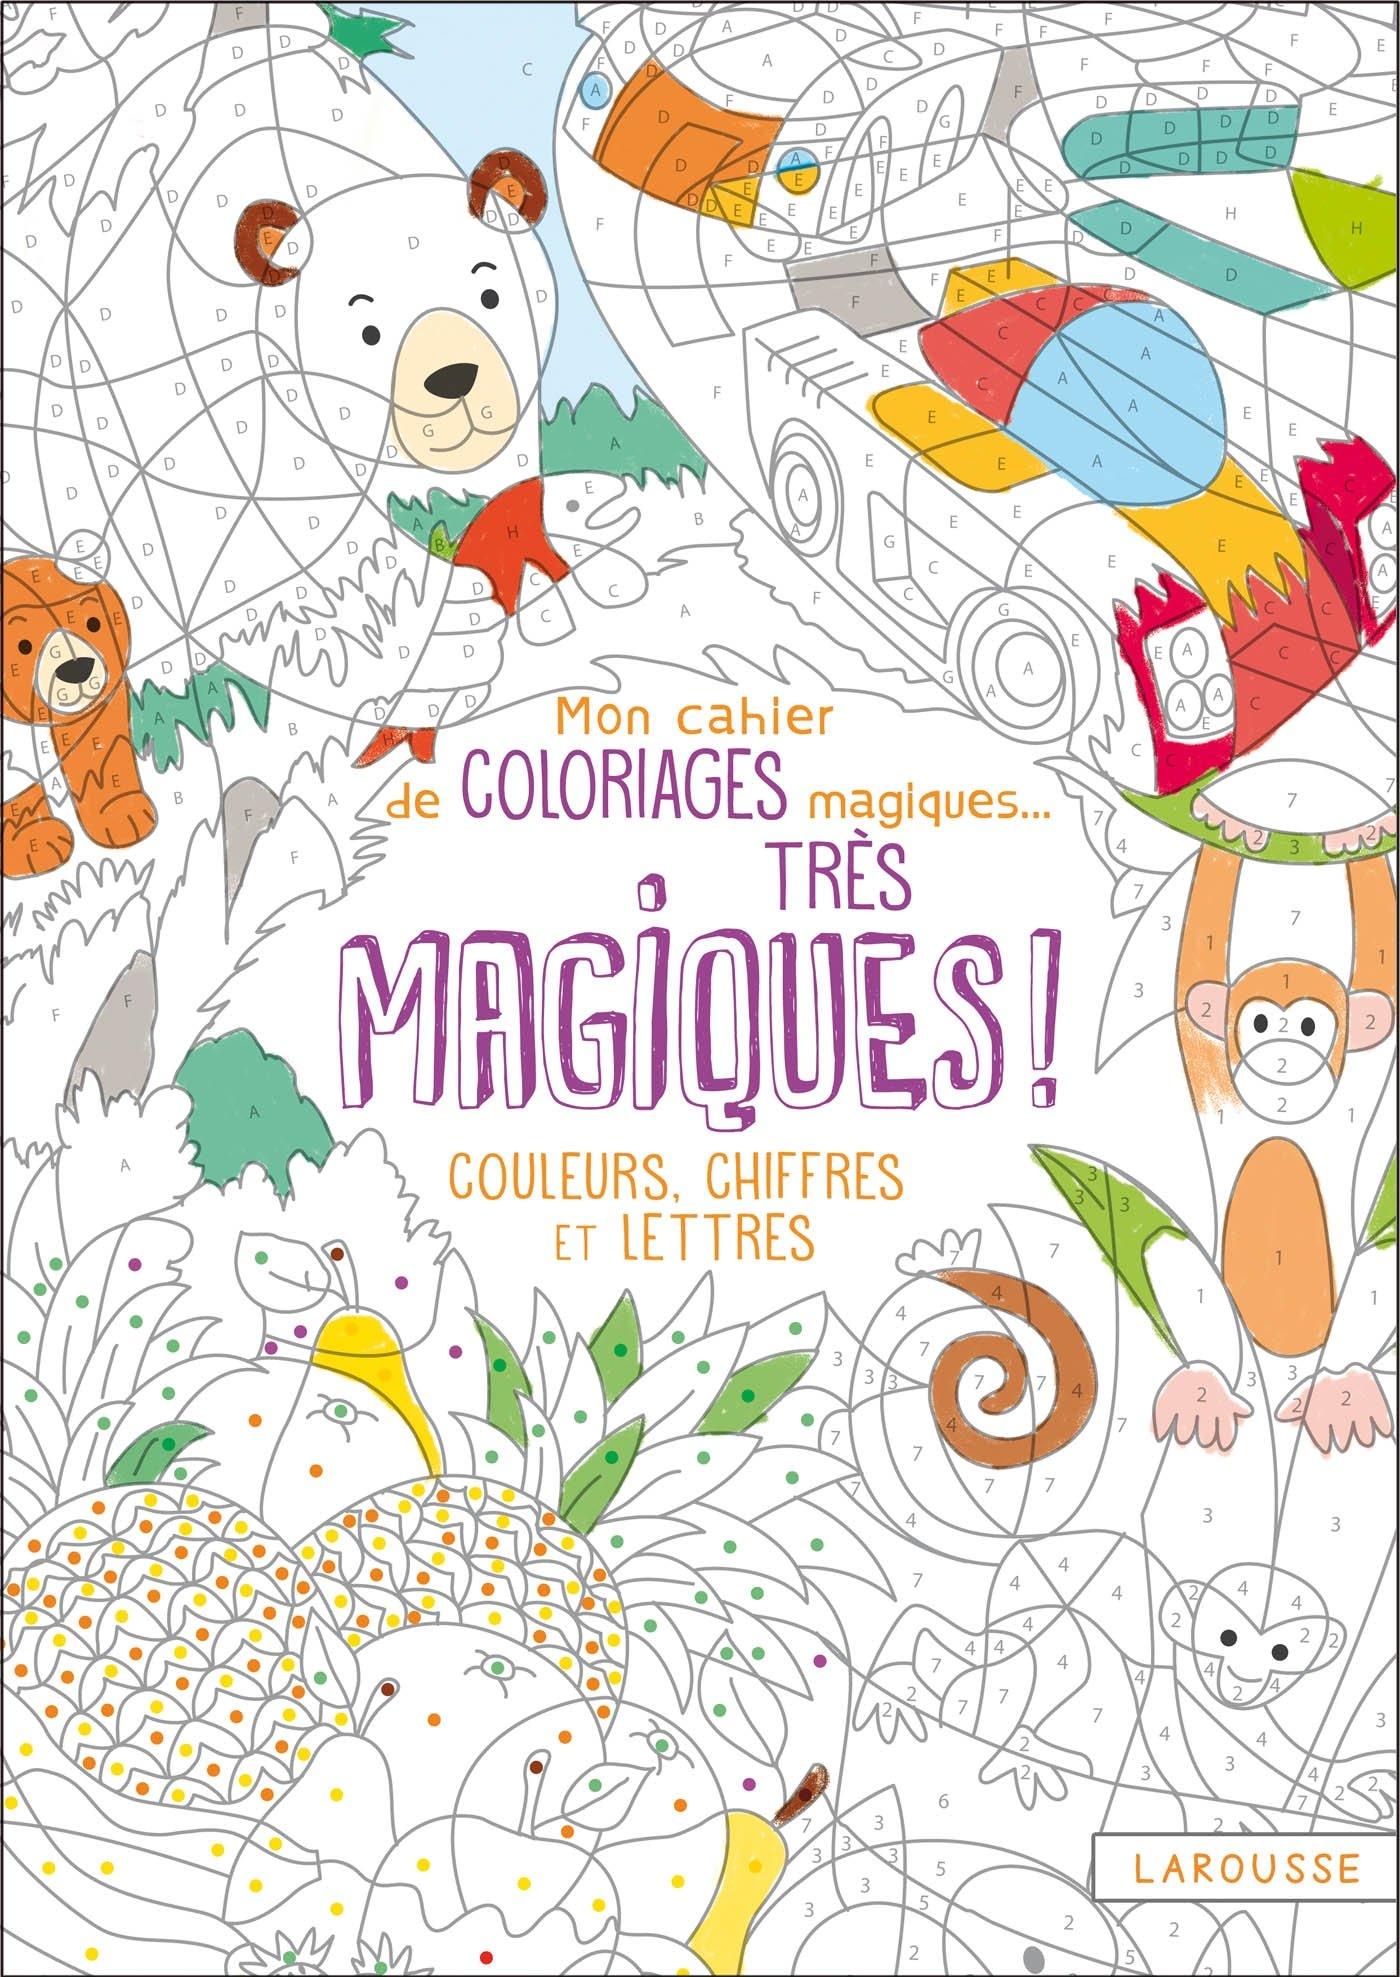 Mon Cahier De Coloriages Magiques Tres Magiques Couleurs Chiffres Et Lettres Amazon Fr Boyer Alain Livres